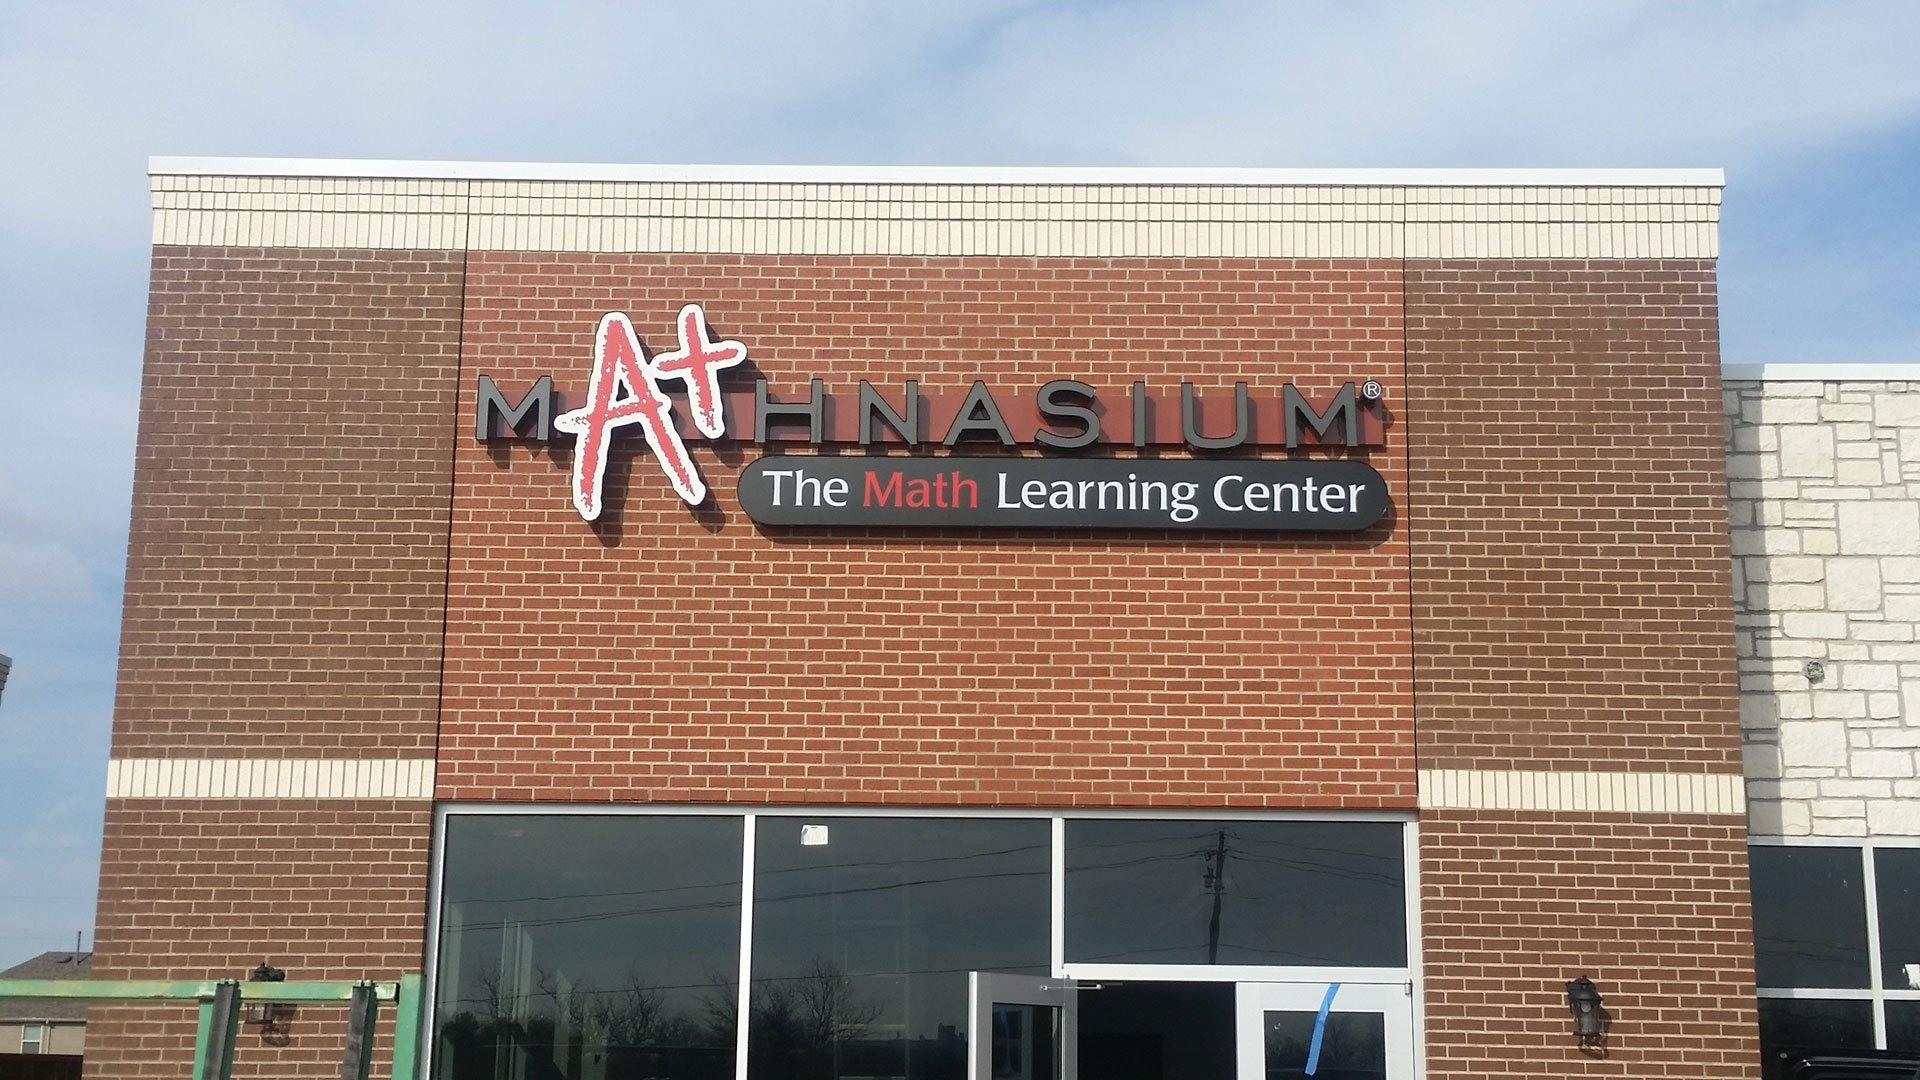 mathnasium Sign